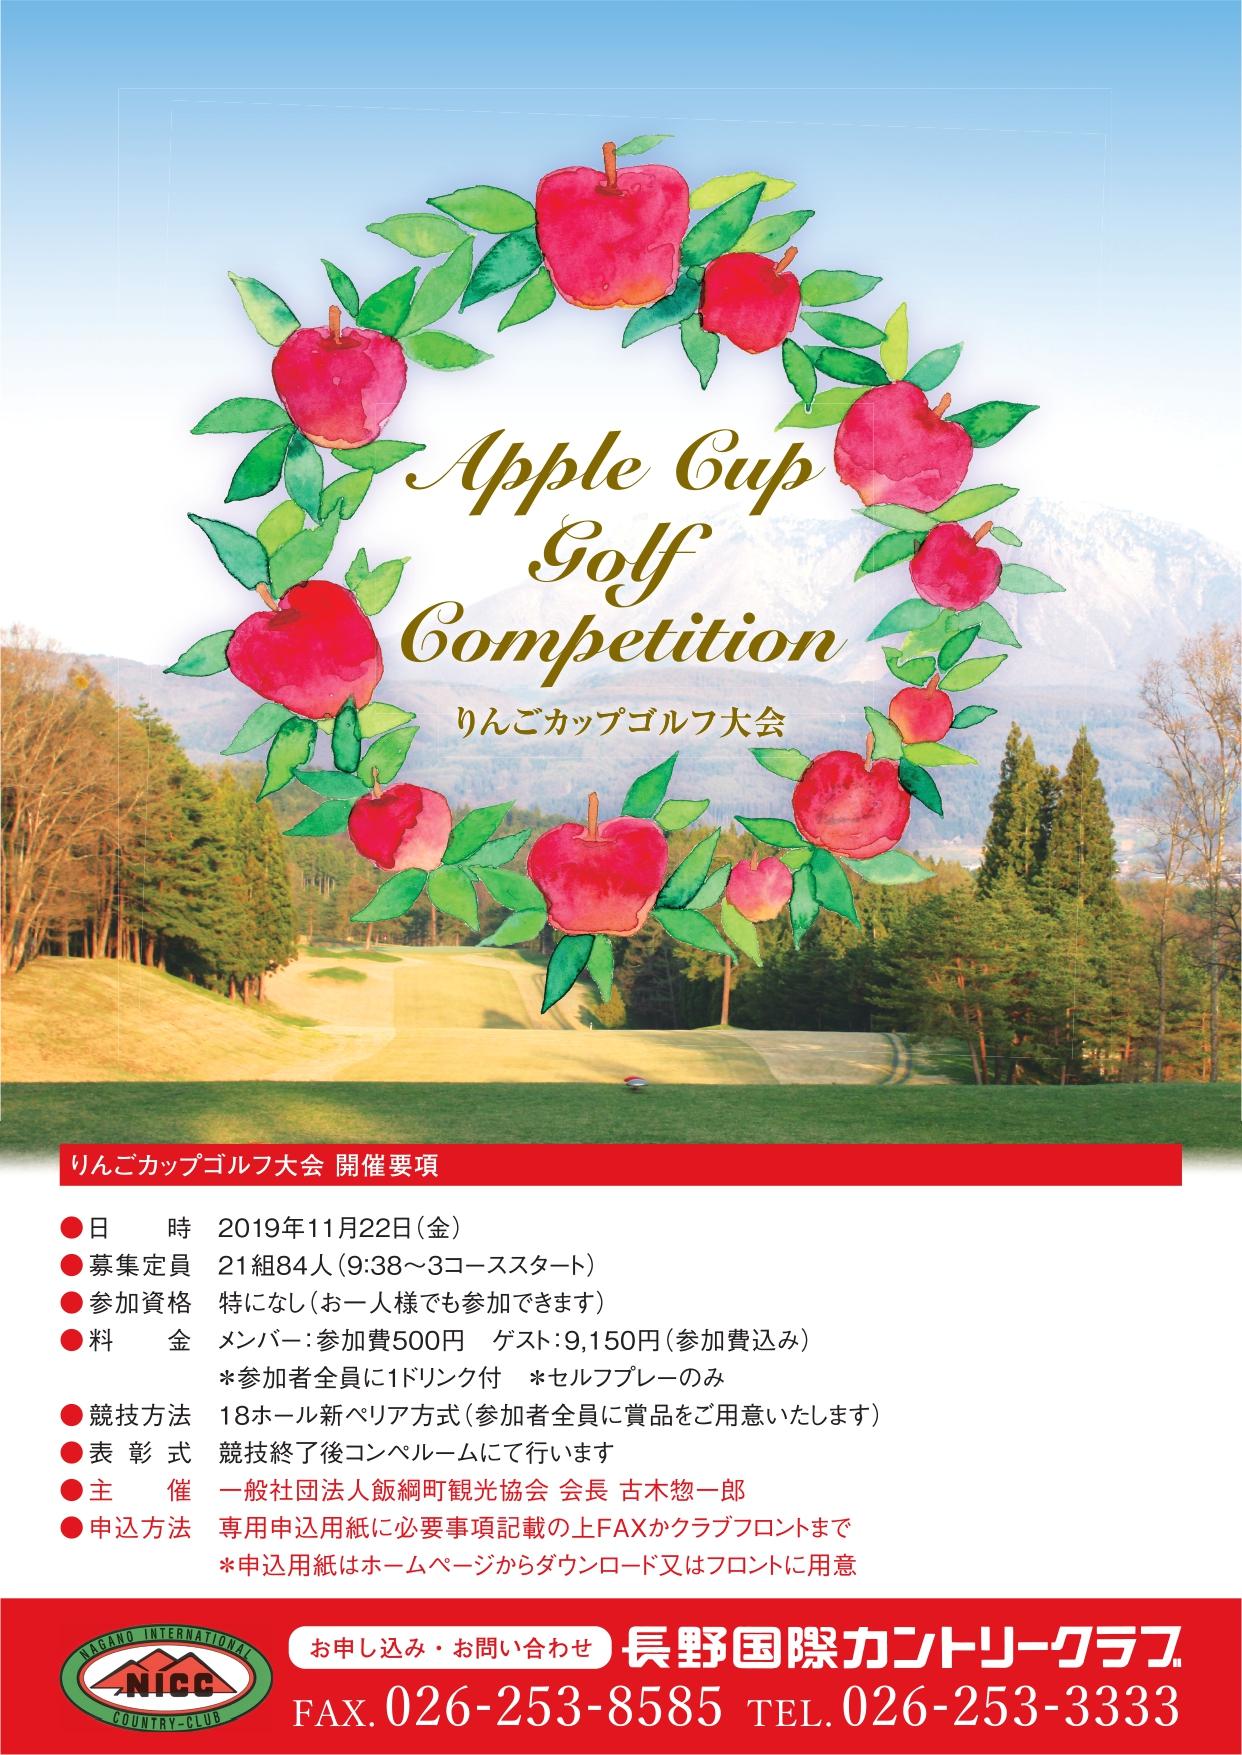 りんごカップゴルフ大会